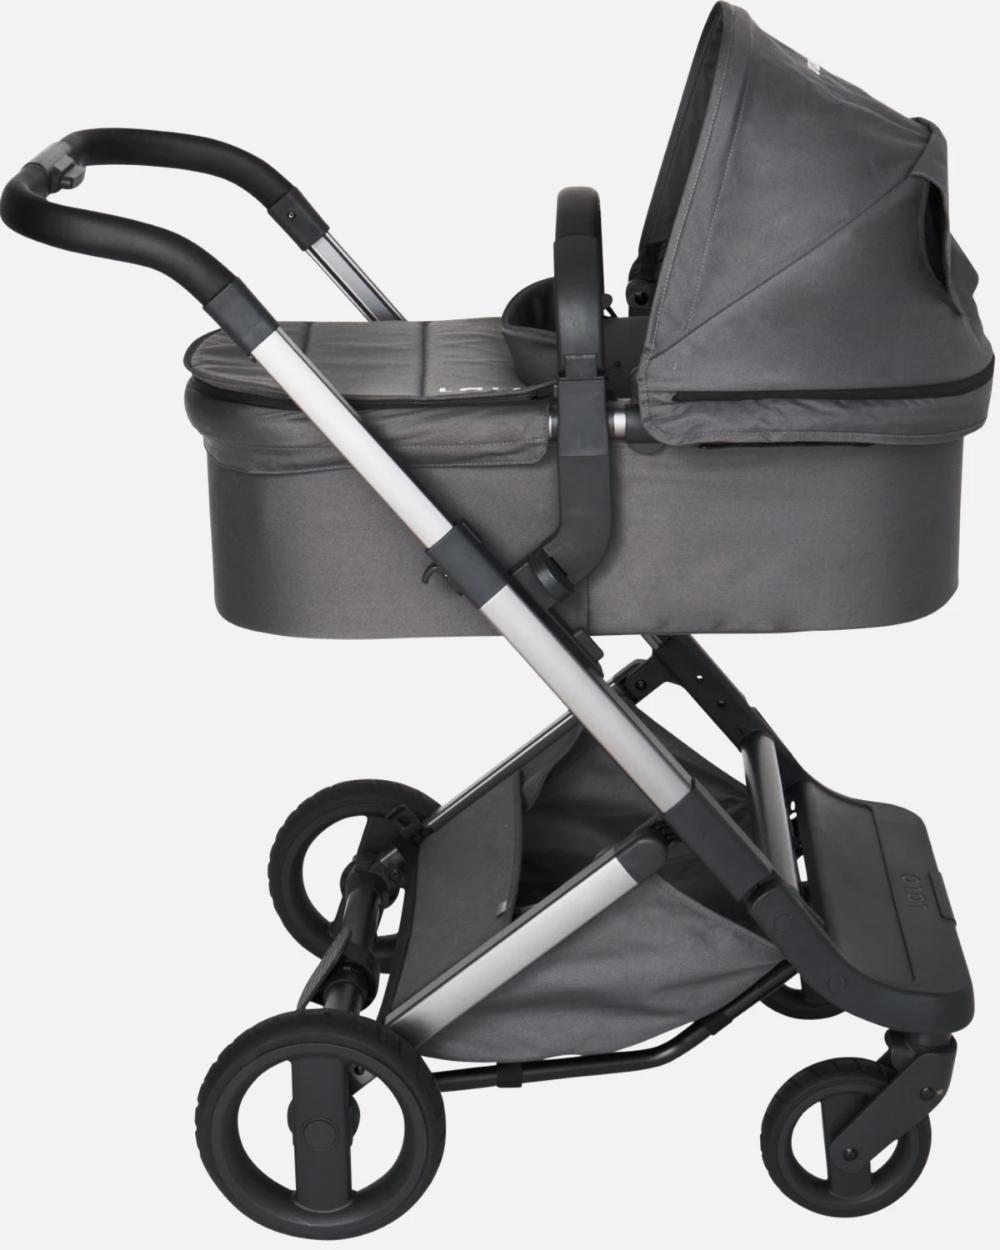 Infant Babyzen Yoyo+ Complete Stroller With Newborn Nest